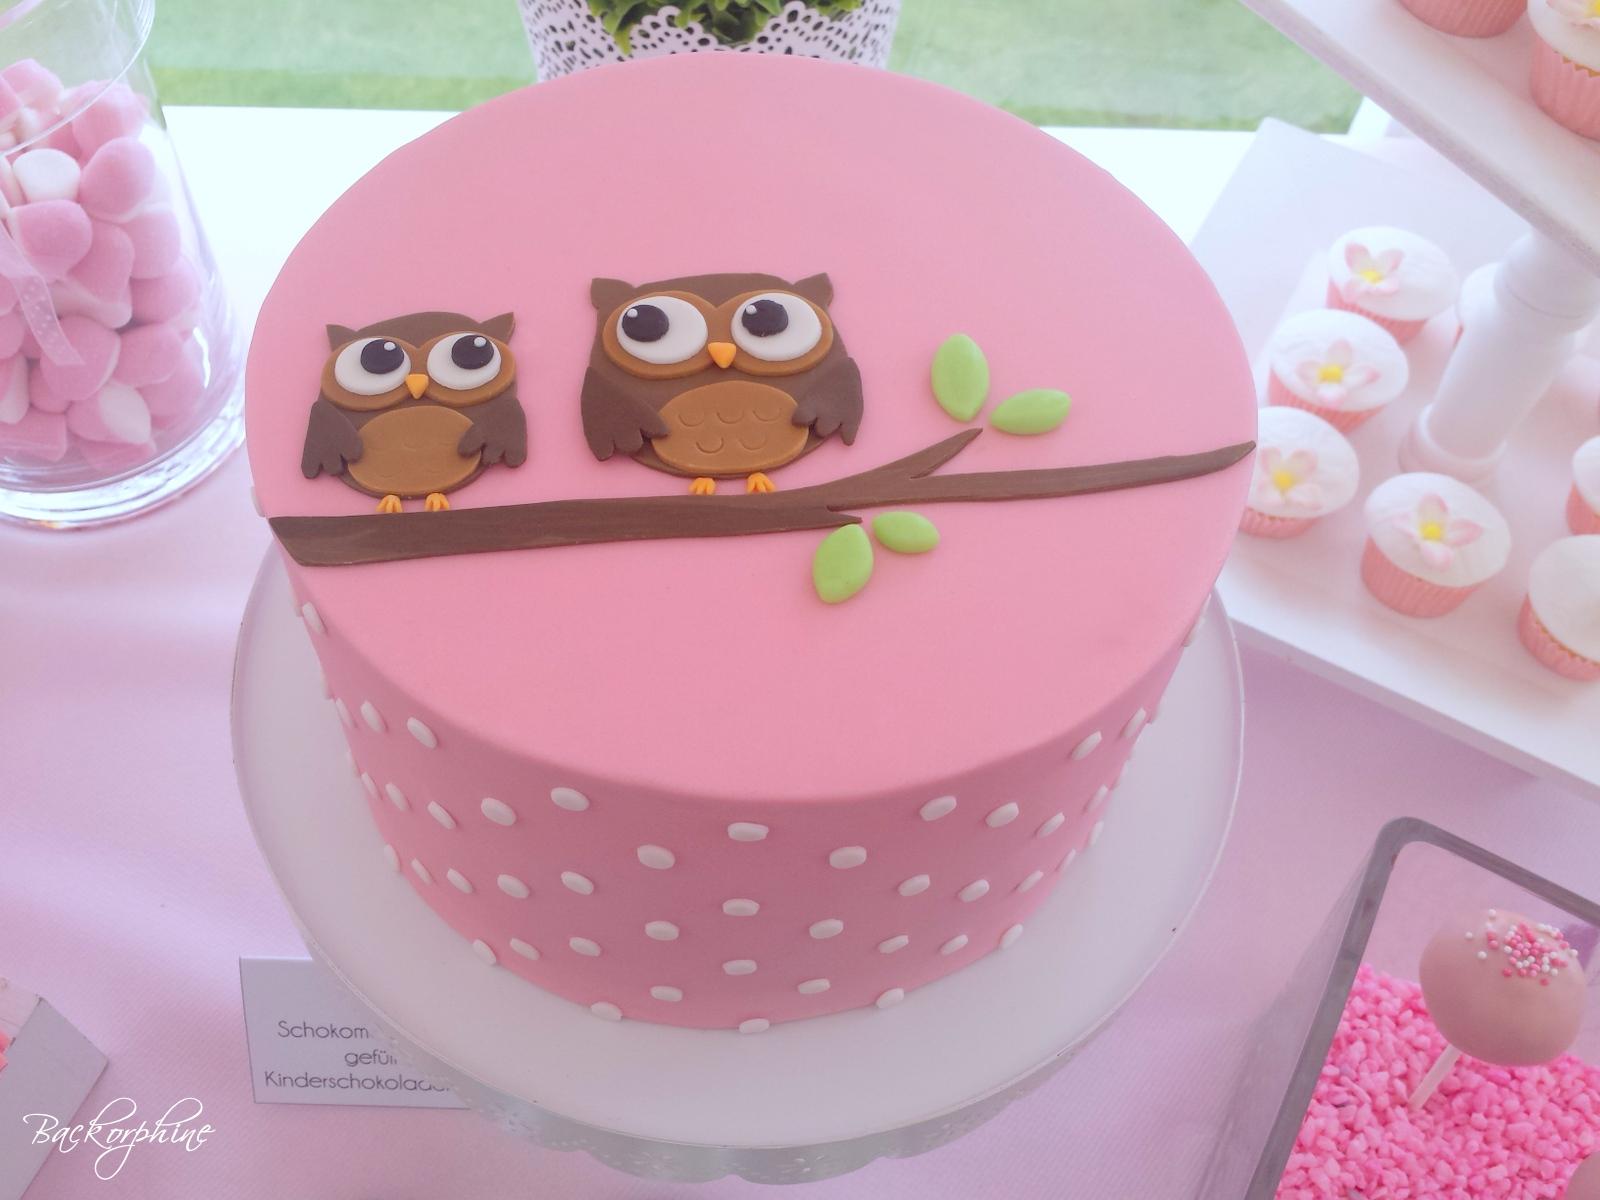 Backorphine Eulenkuchen Owl Cake Tutorial